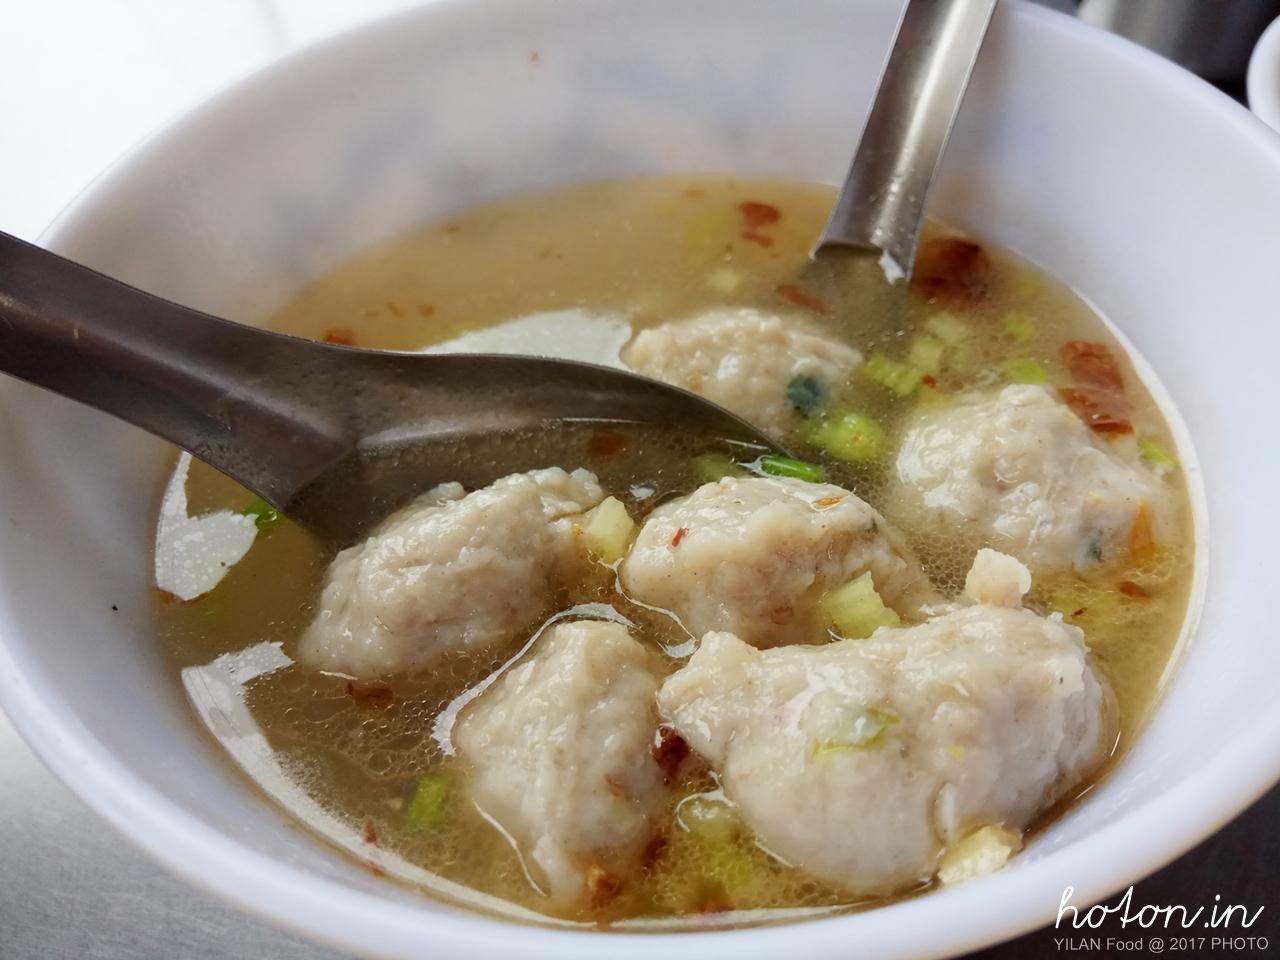 【宜蘭食記】礁溪 / 員山魚丸米粉麻醬麵.手工魚丸用料紮實傳統好美味